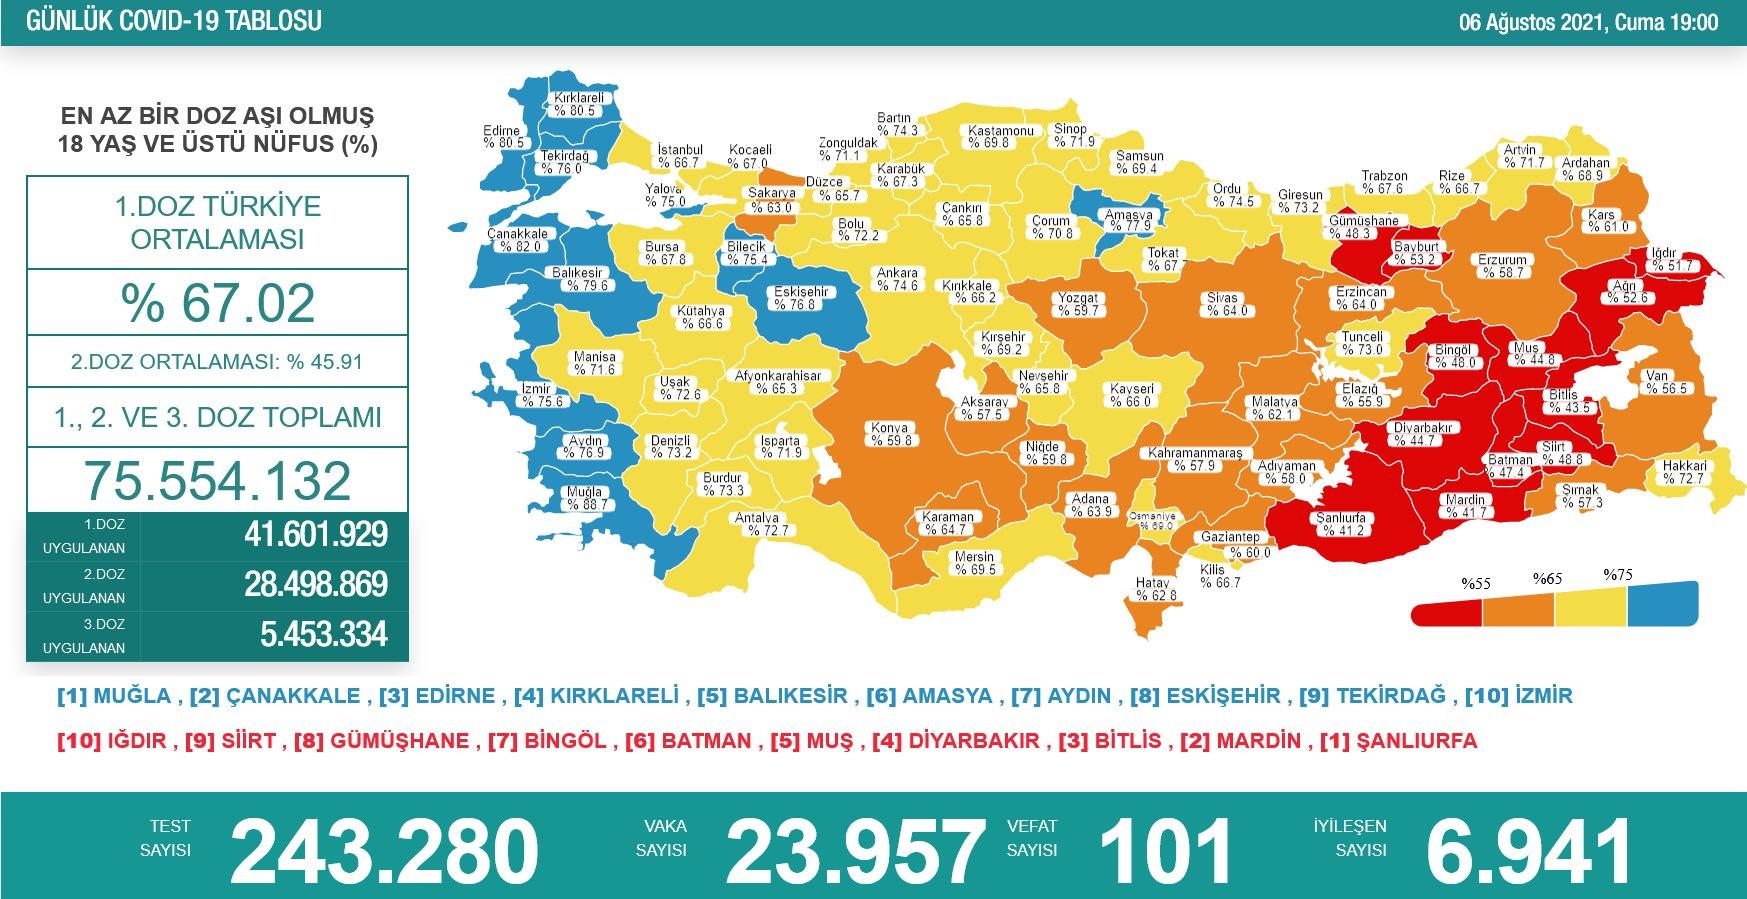 6 Ağustos 2021 Türkiye Koronavirüs Tablosu Açıkladı